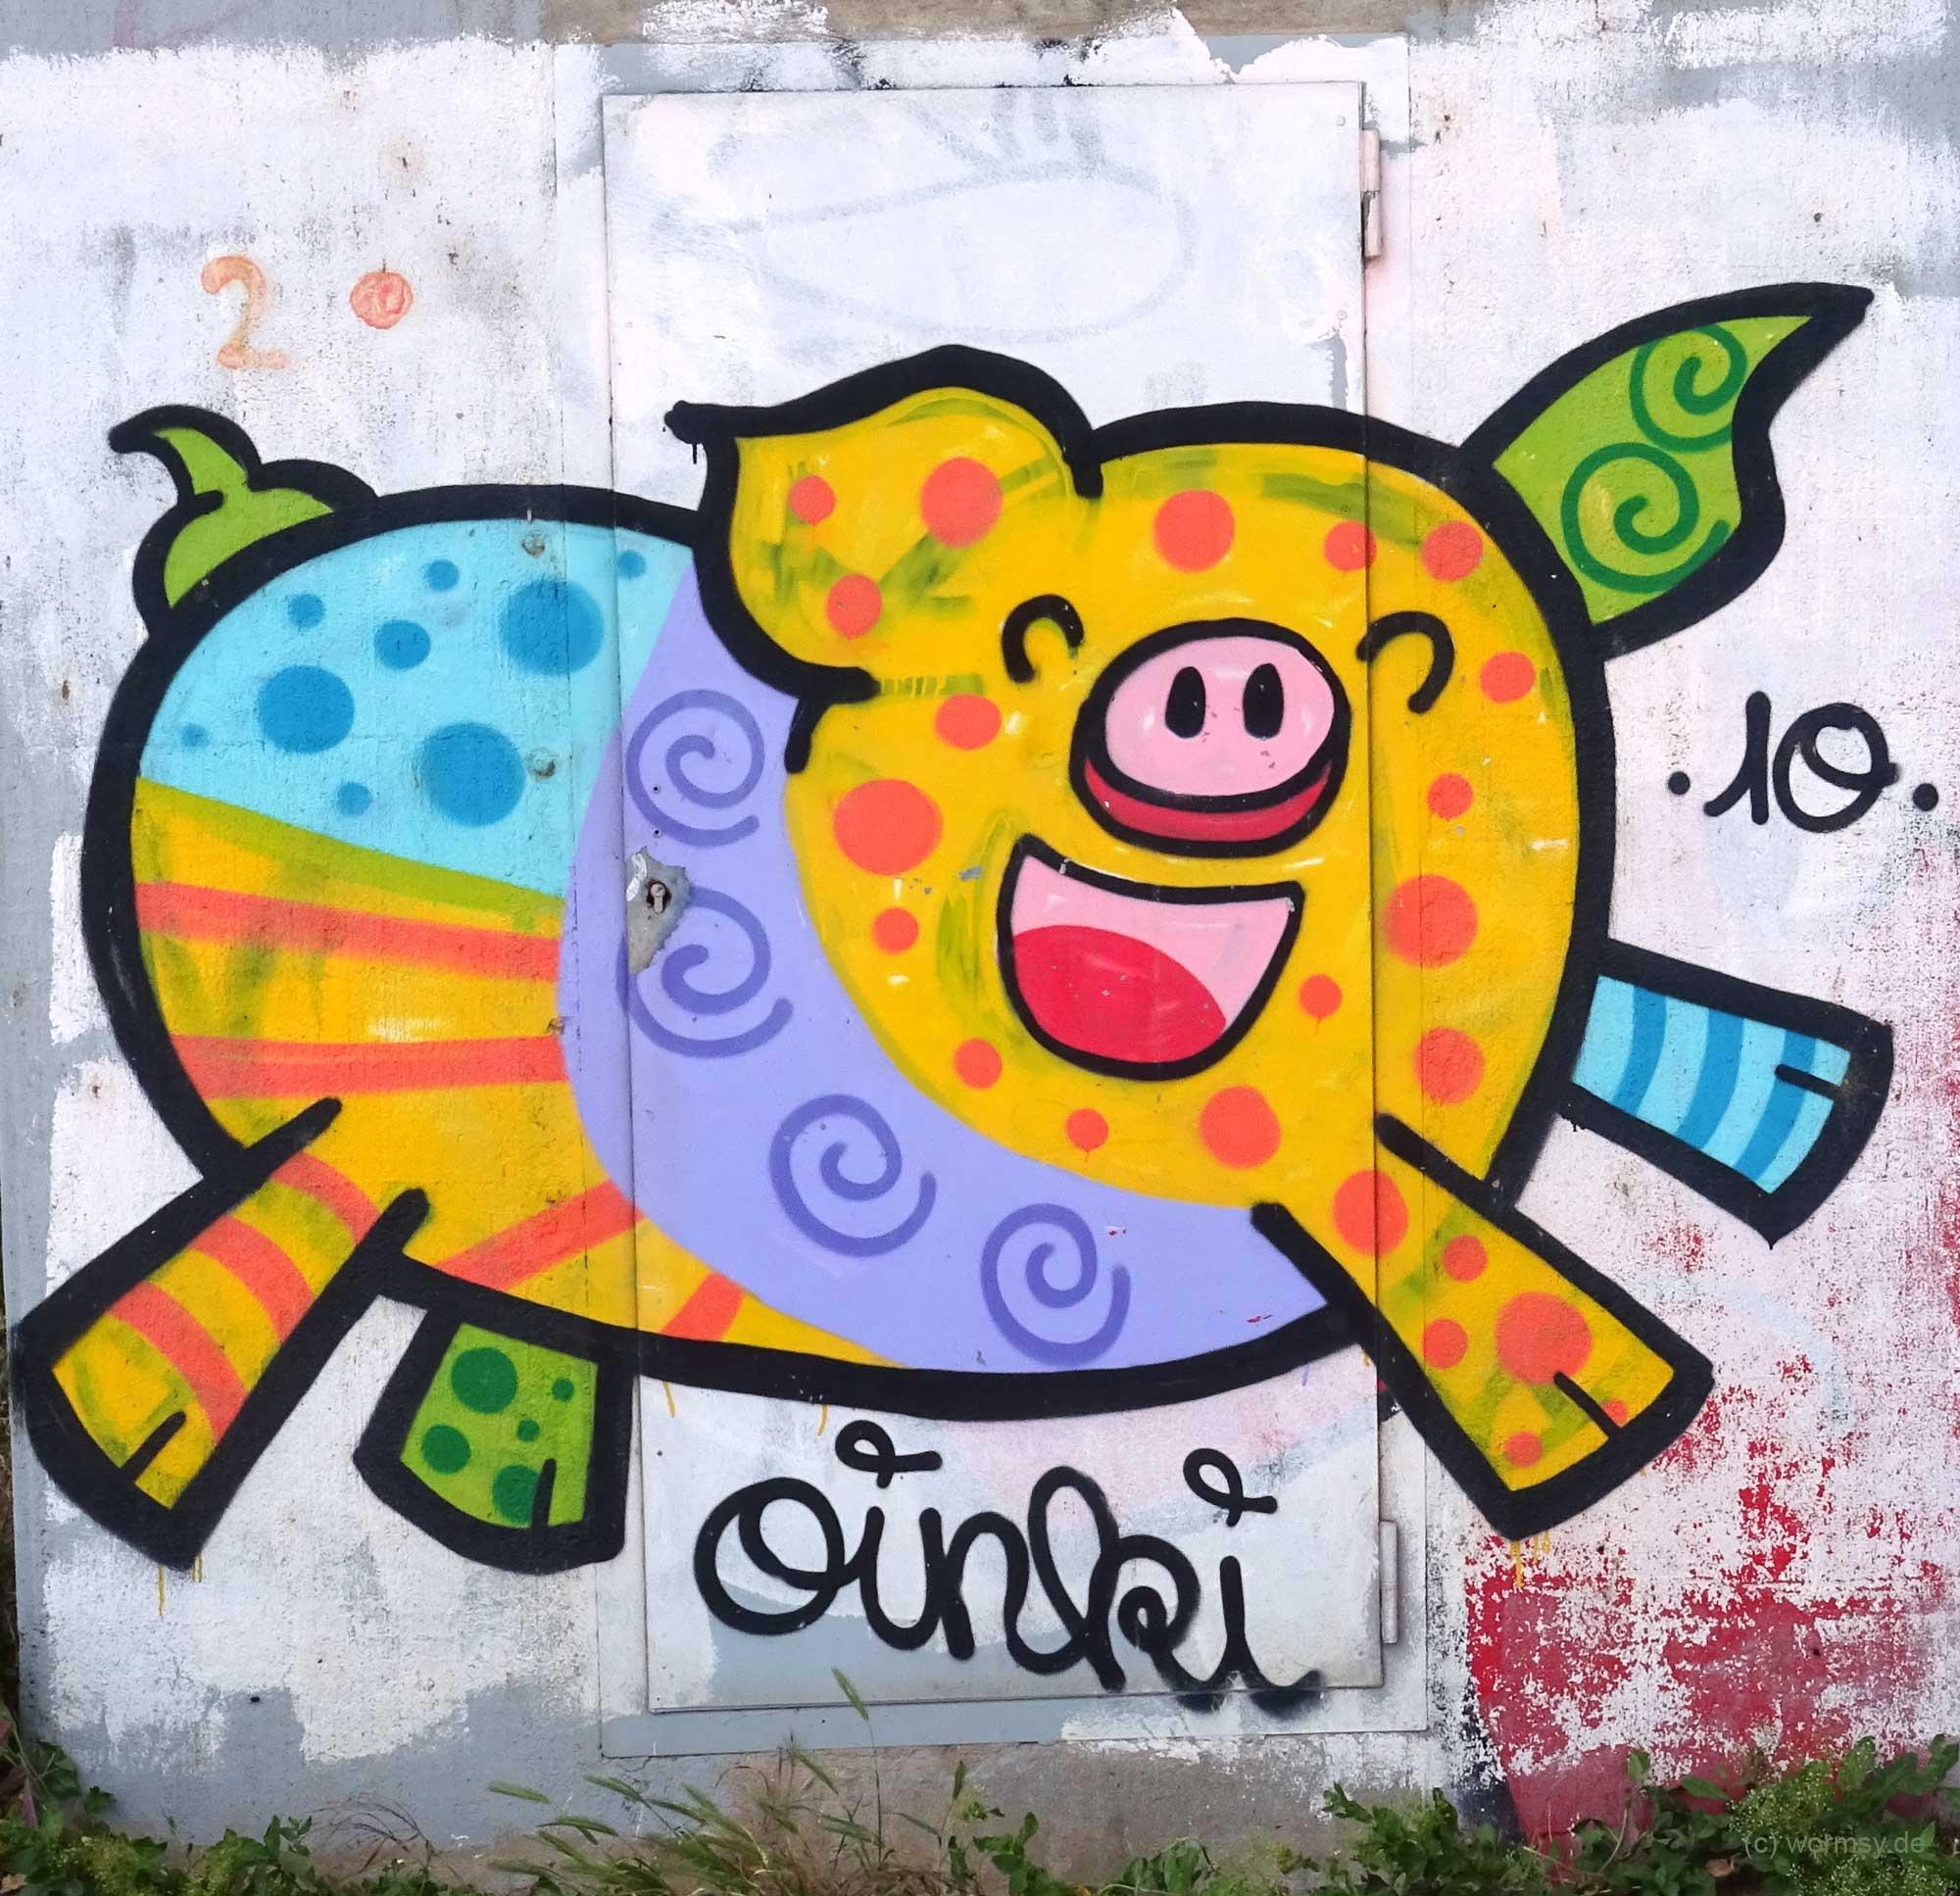 Graffiti unter der Talbrücke Worms-Pfeddersheim - Oinki